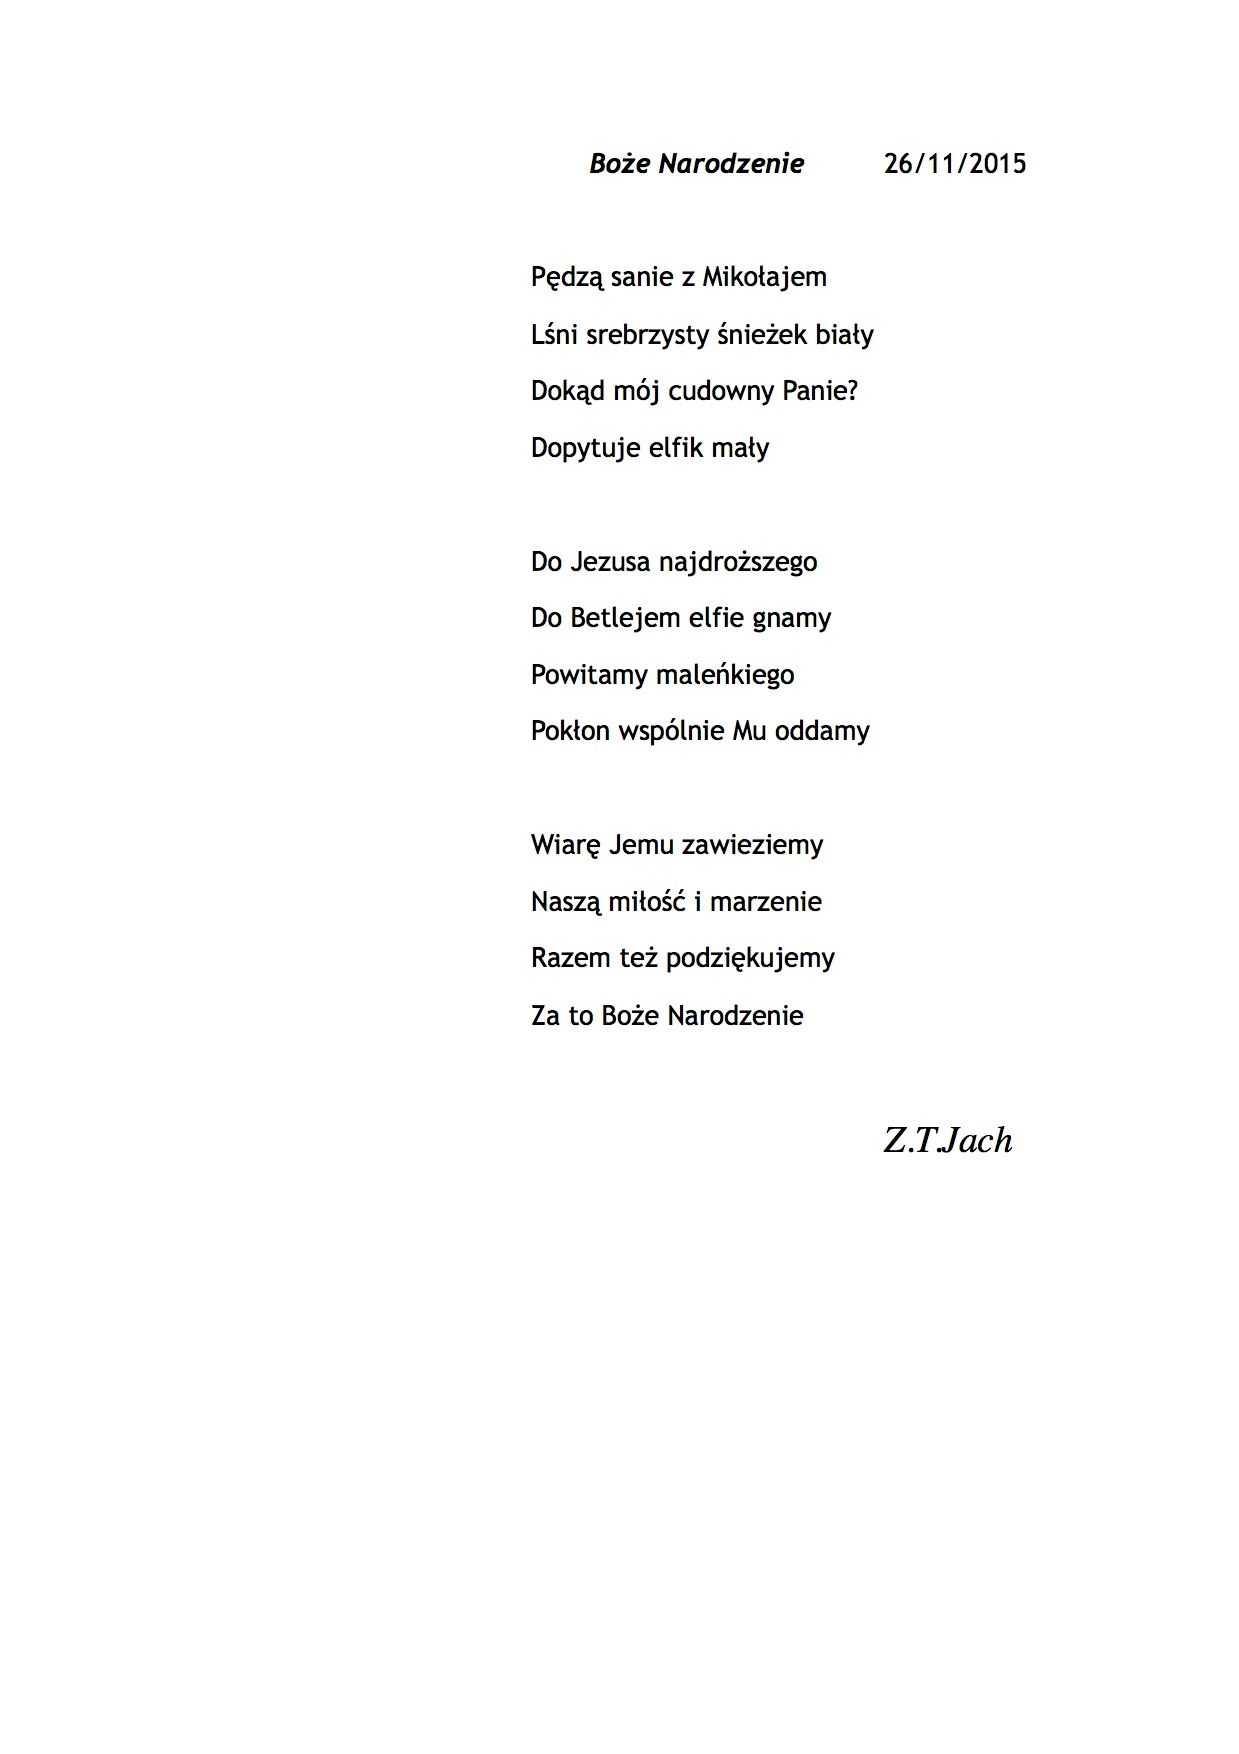 Wiersze Na święta Bożego Narodzenia Zbigniew T Jach 2